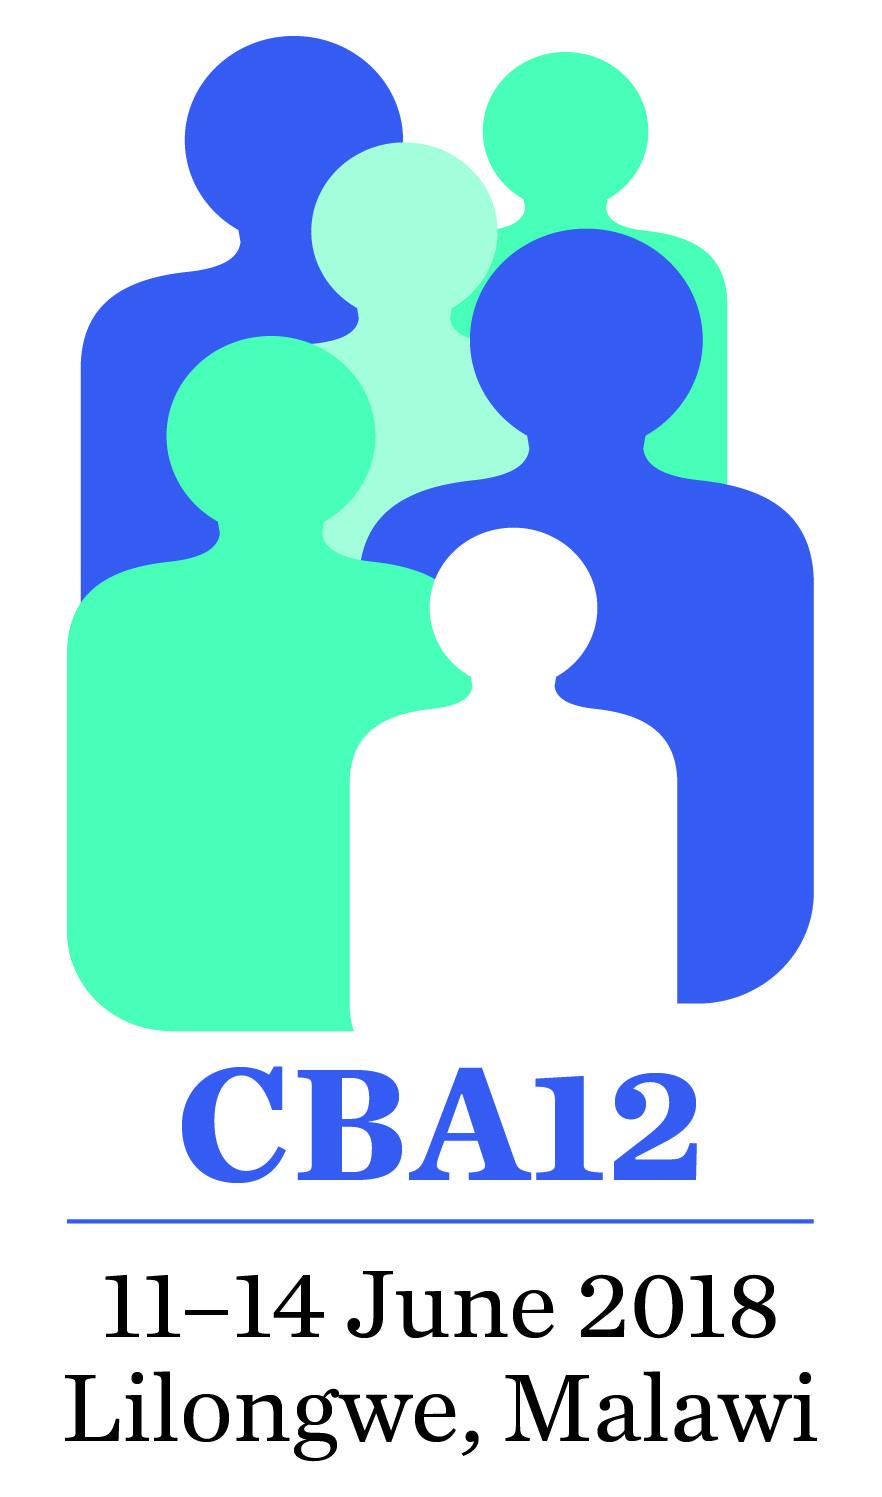 CBA12, 11-14 June 2018